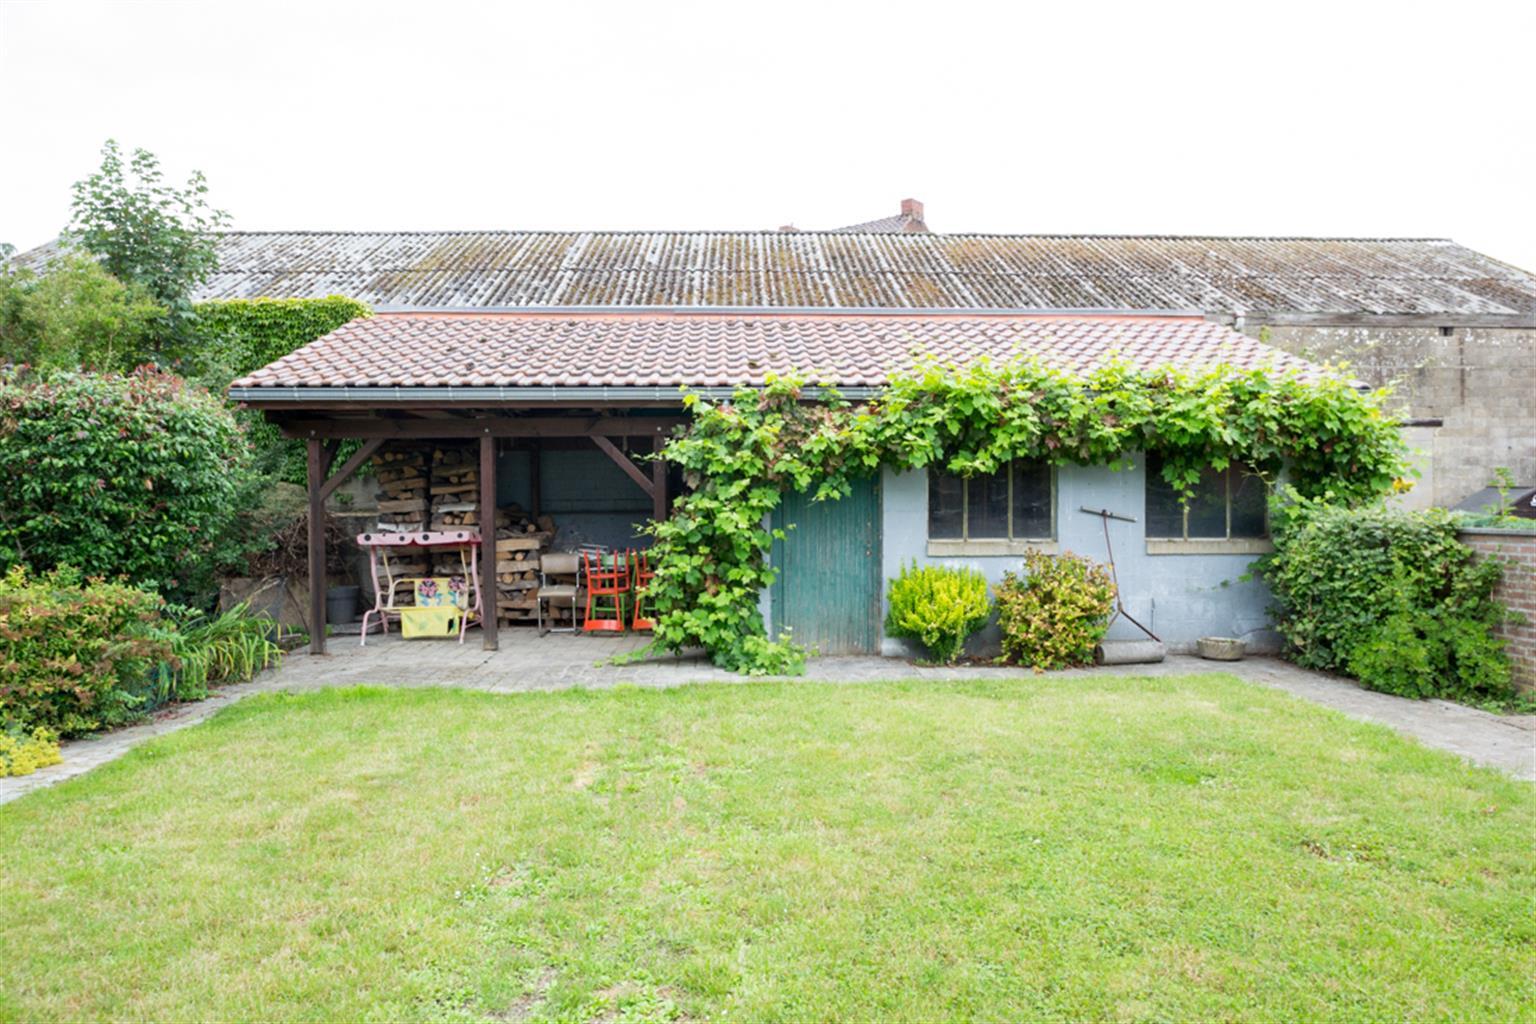 Maison - Haine-Saint-Pierre  - #4079527-12